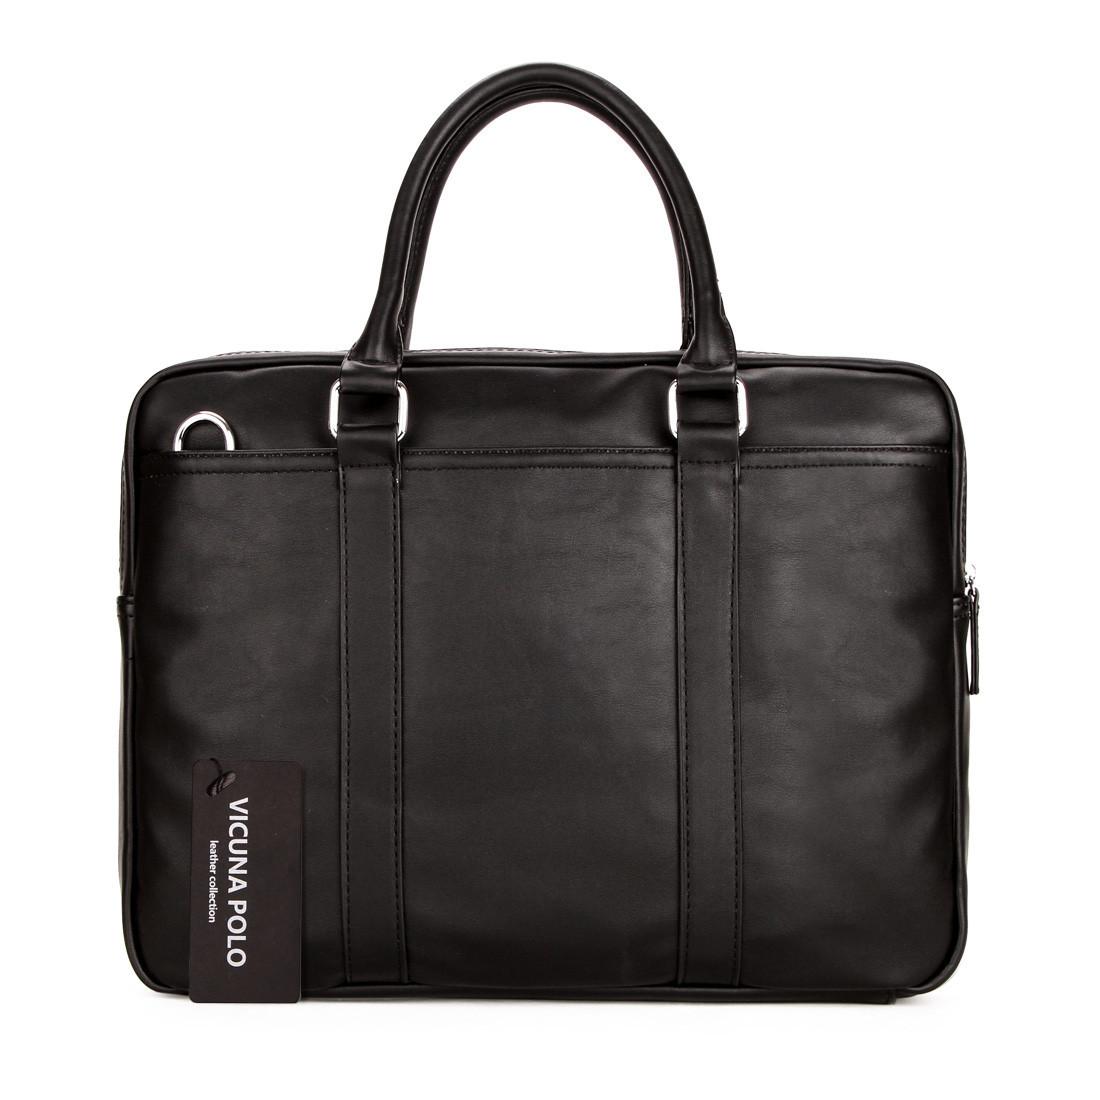 Повседневная деловая мужская сумка-портфель Черный, коричневый